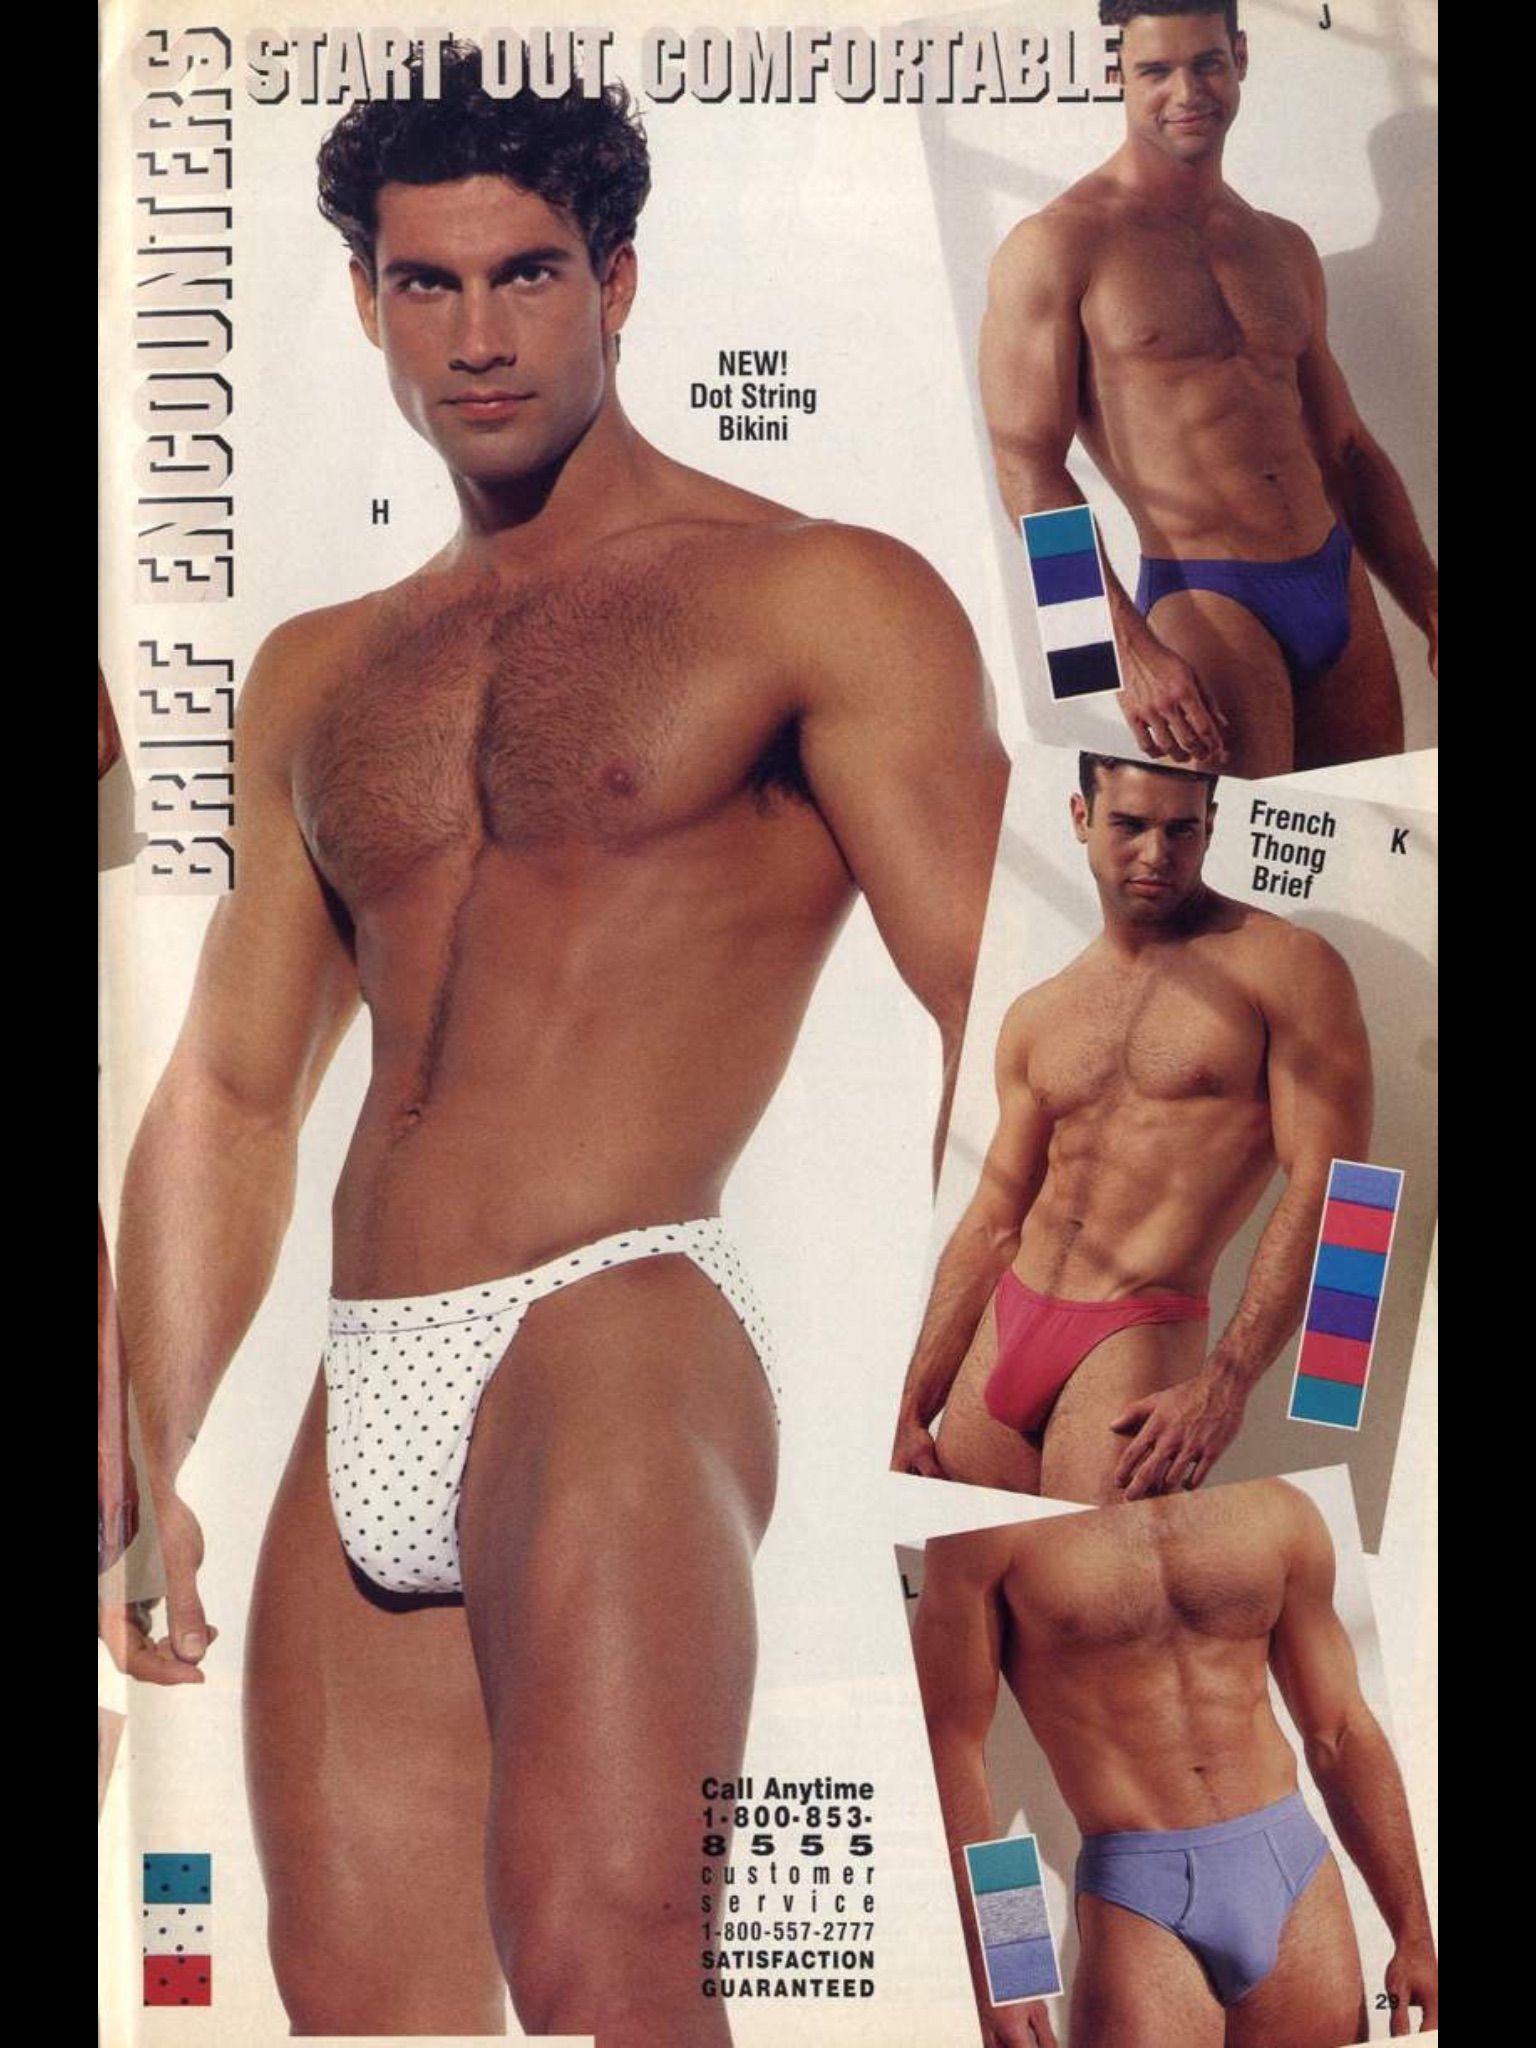 72cc3851d9 Undergear men's underwear catalog | 80's / 90's Men's underwear ...